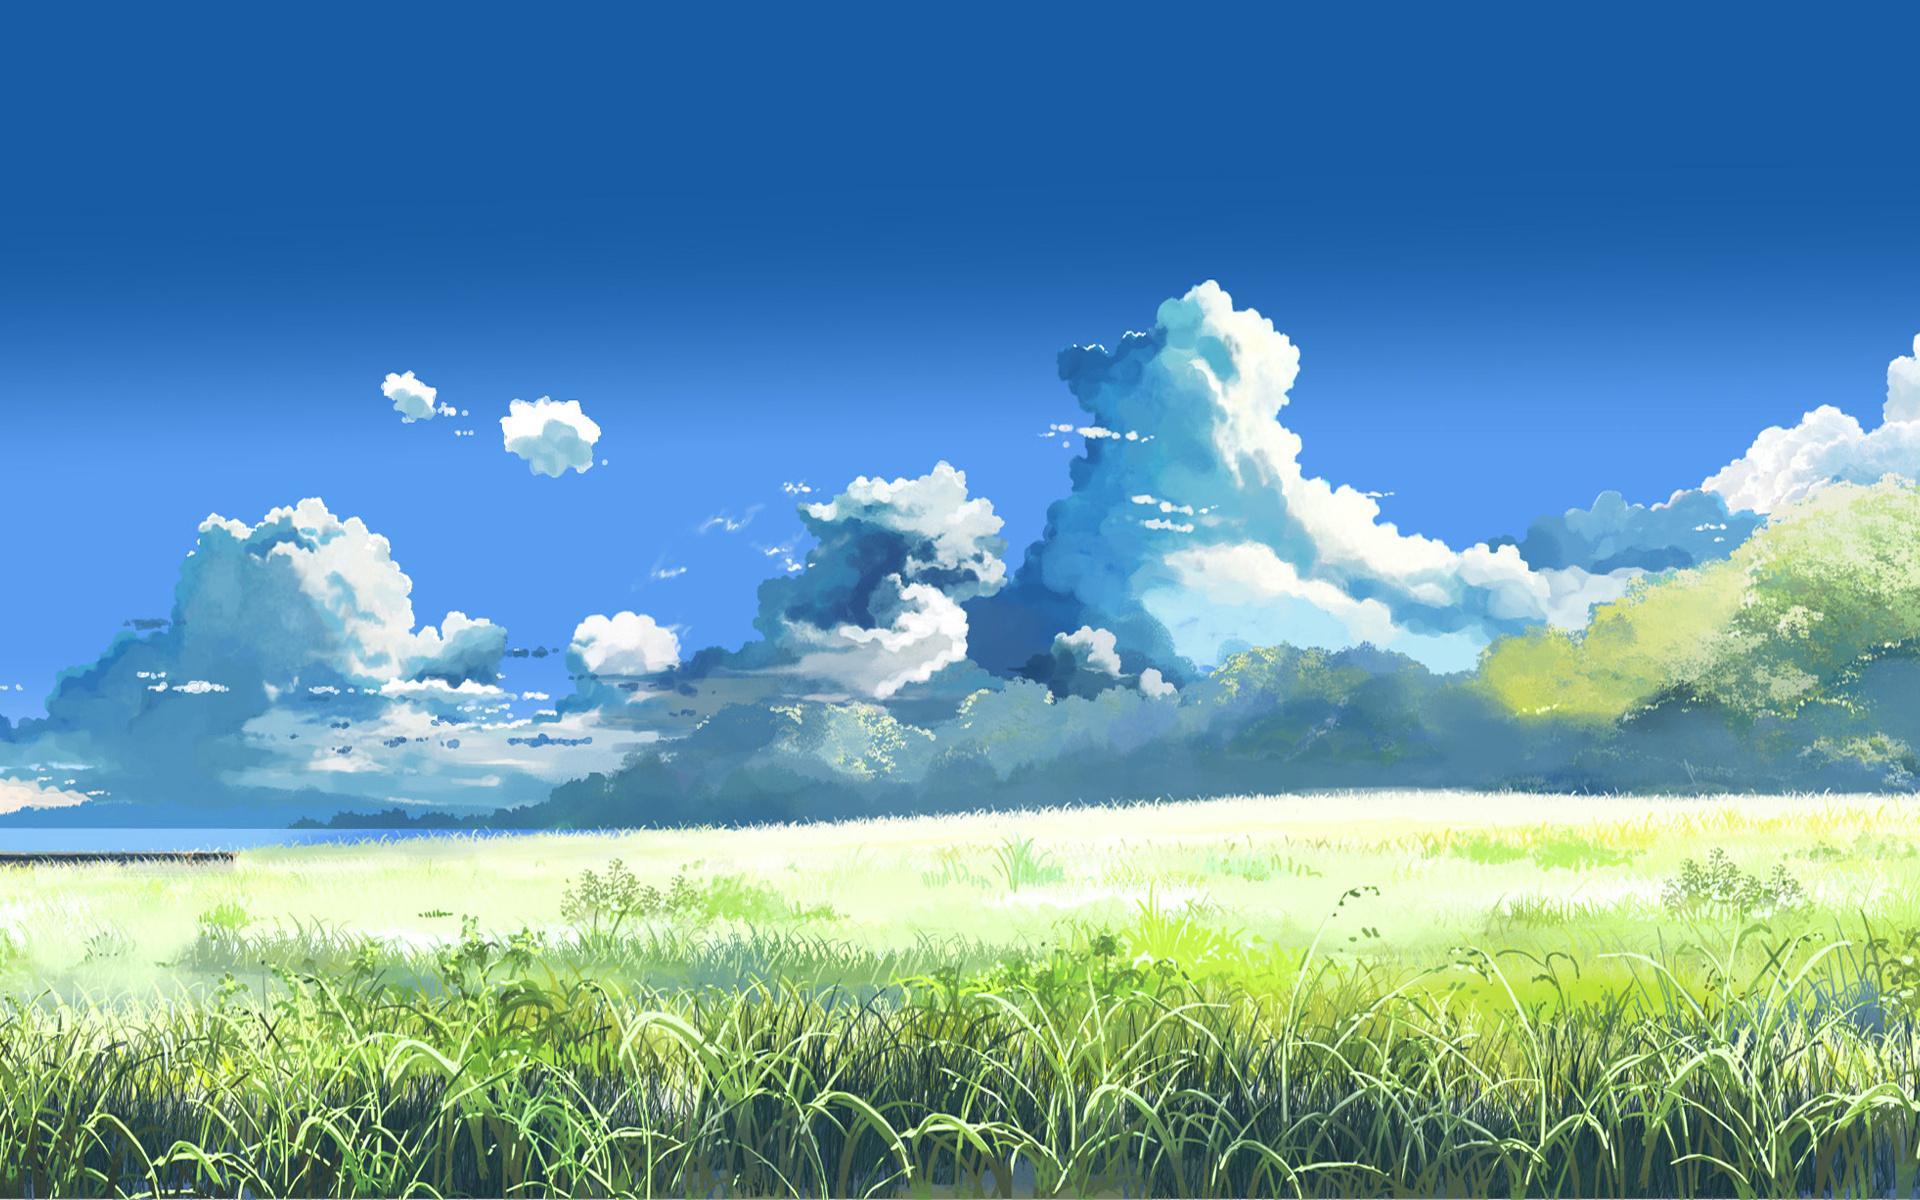 Небо трава солнечно нарисовано обои